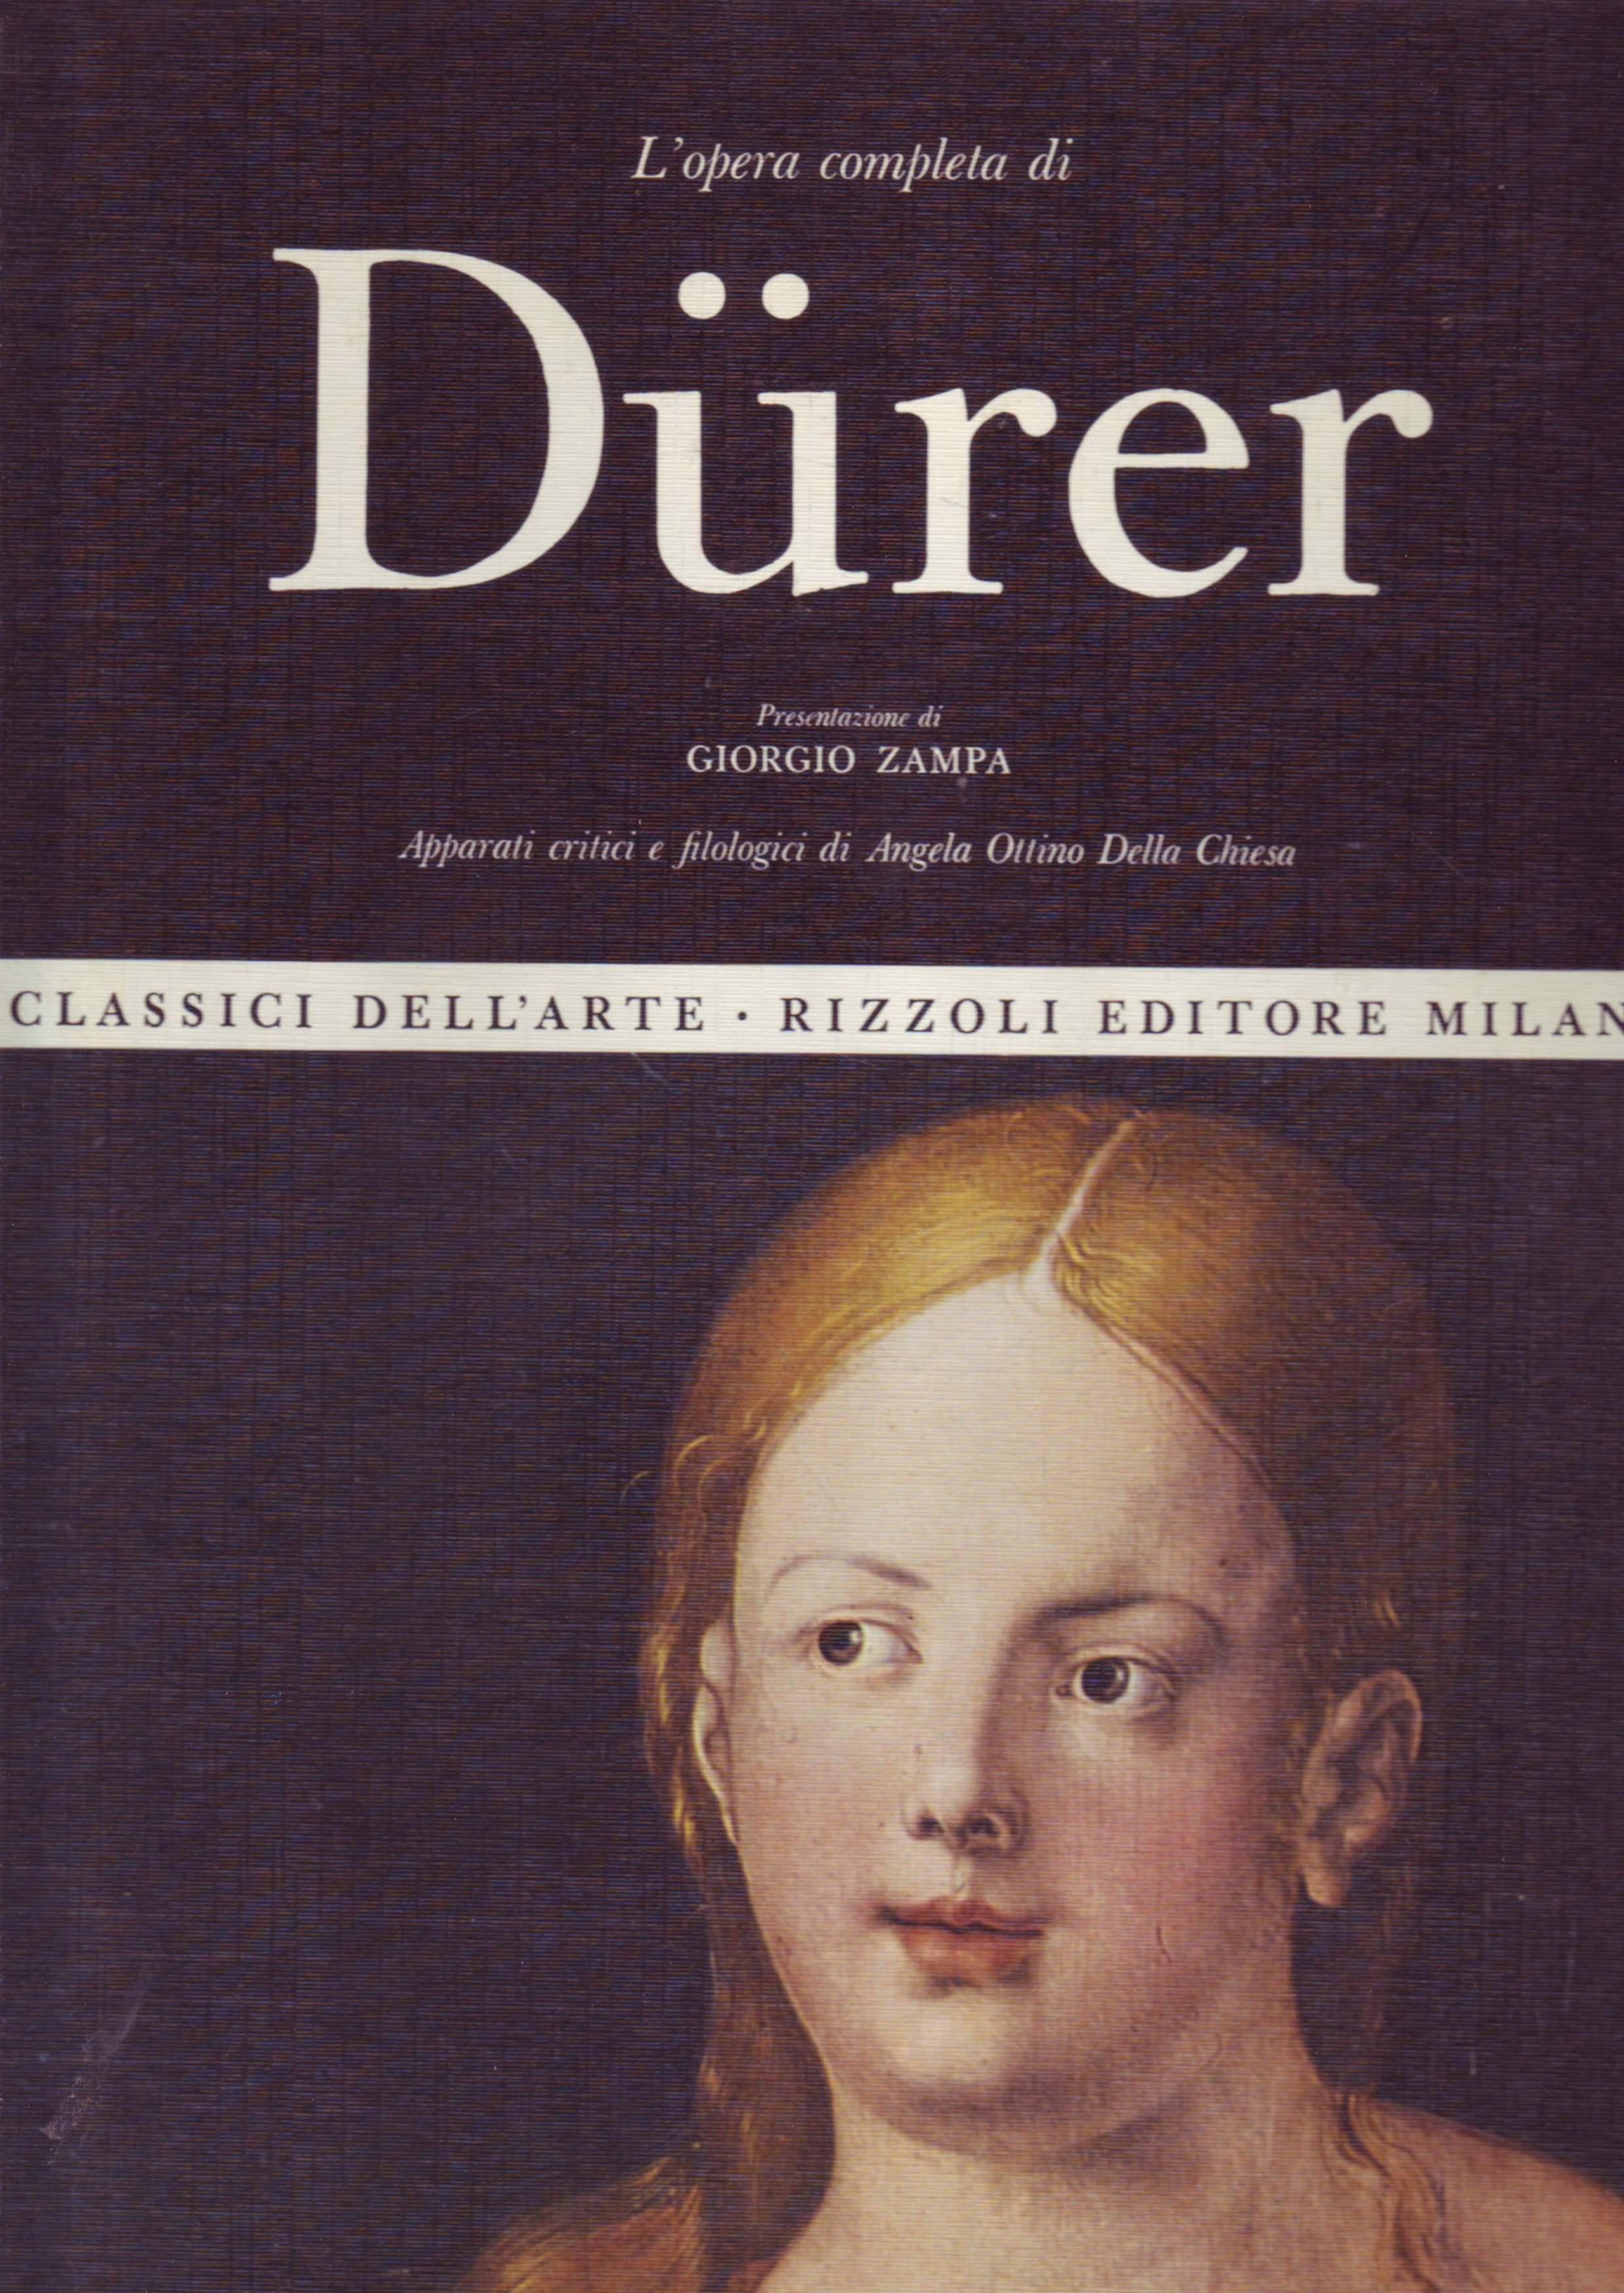 L'opera completa di Dürer